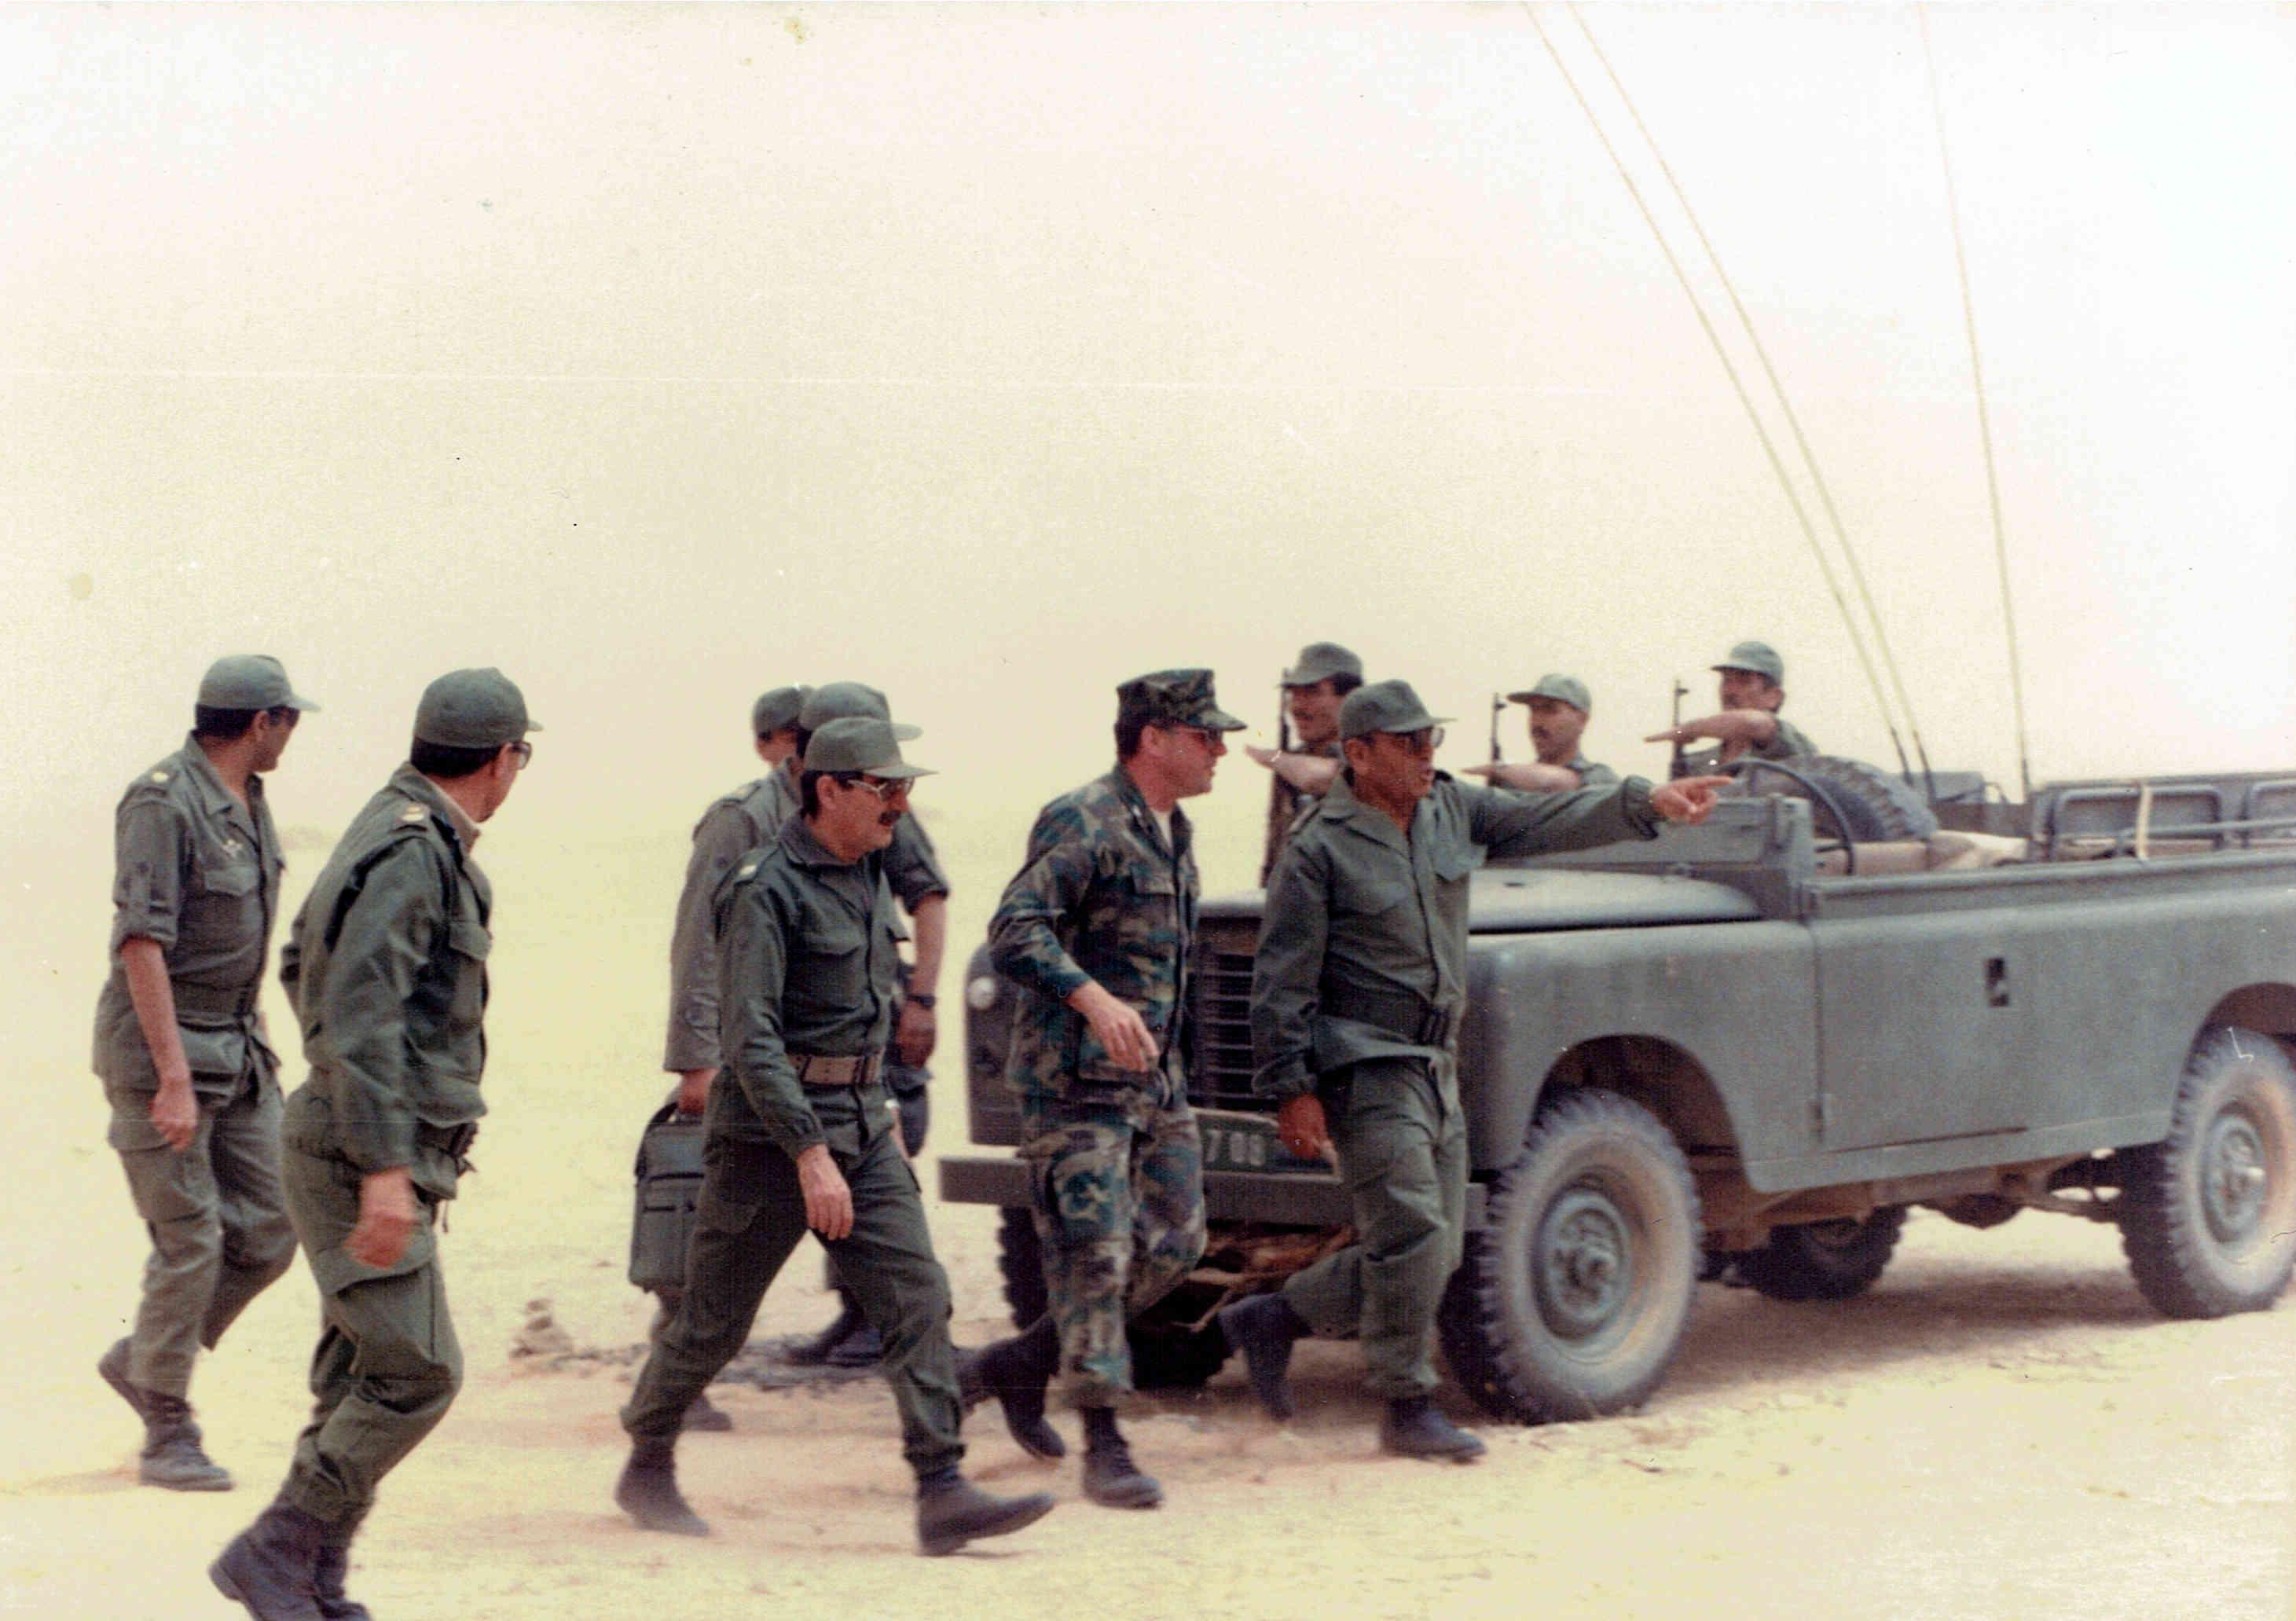 Le conflit armé du sahara marocain - Page 10 Clipb111